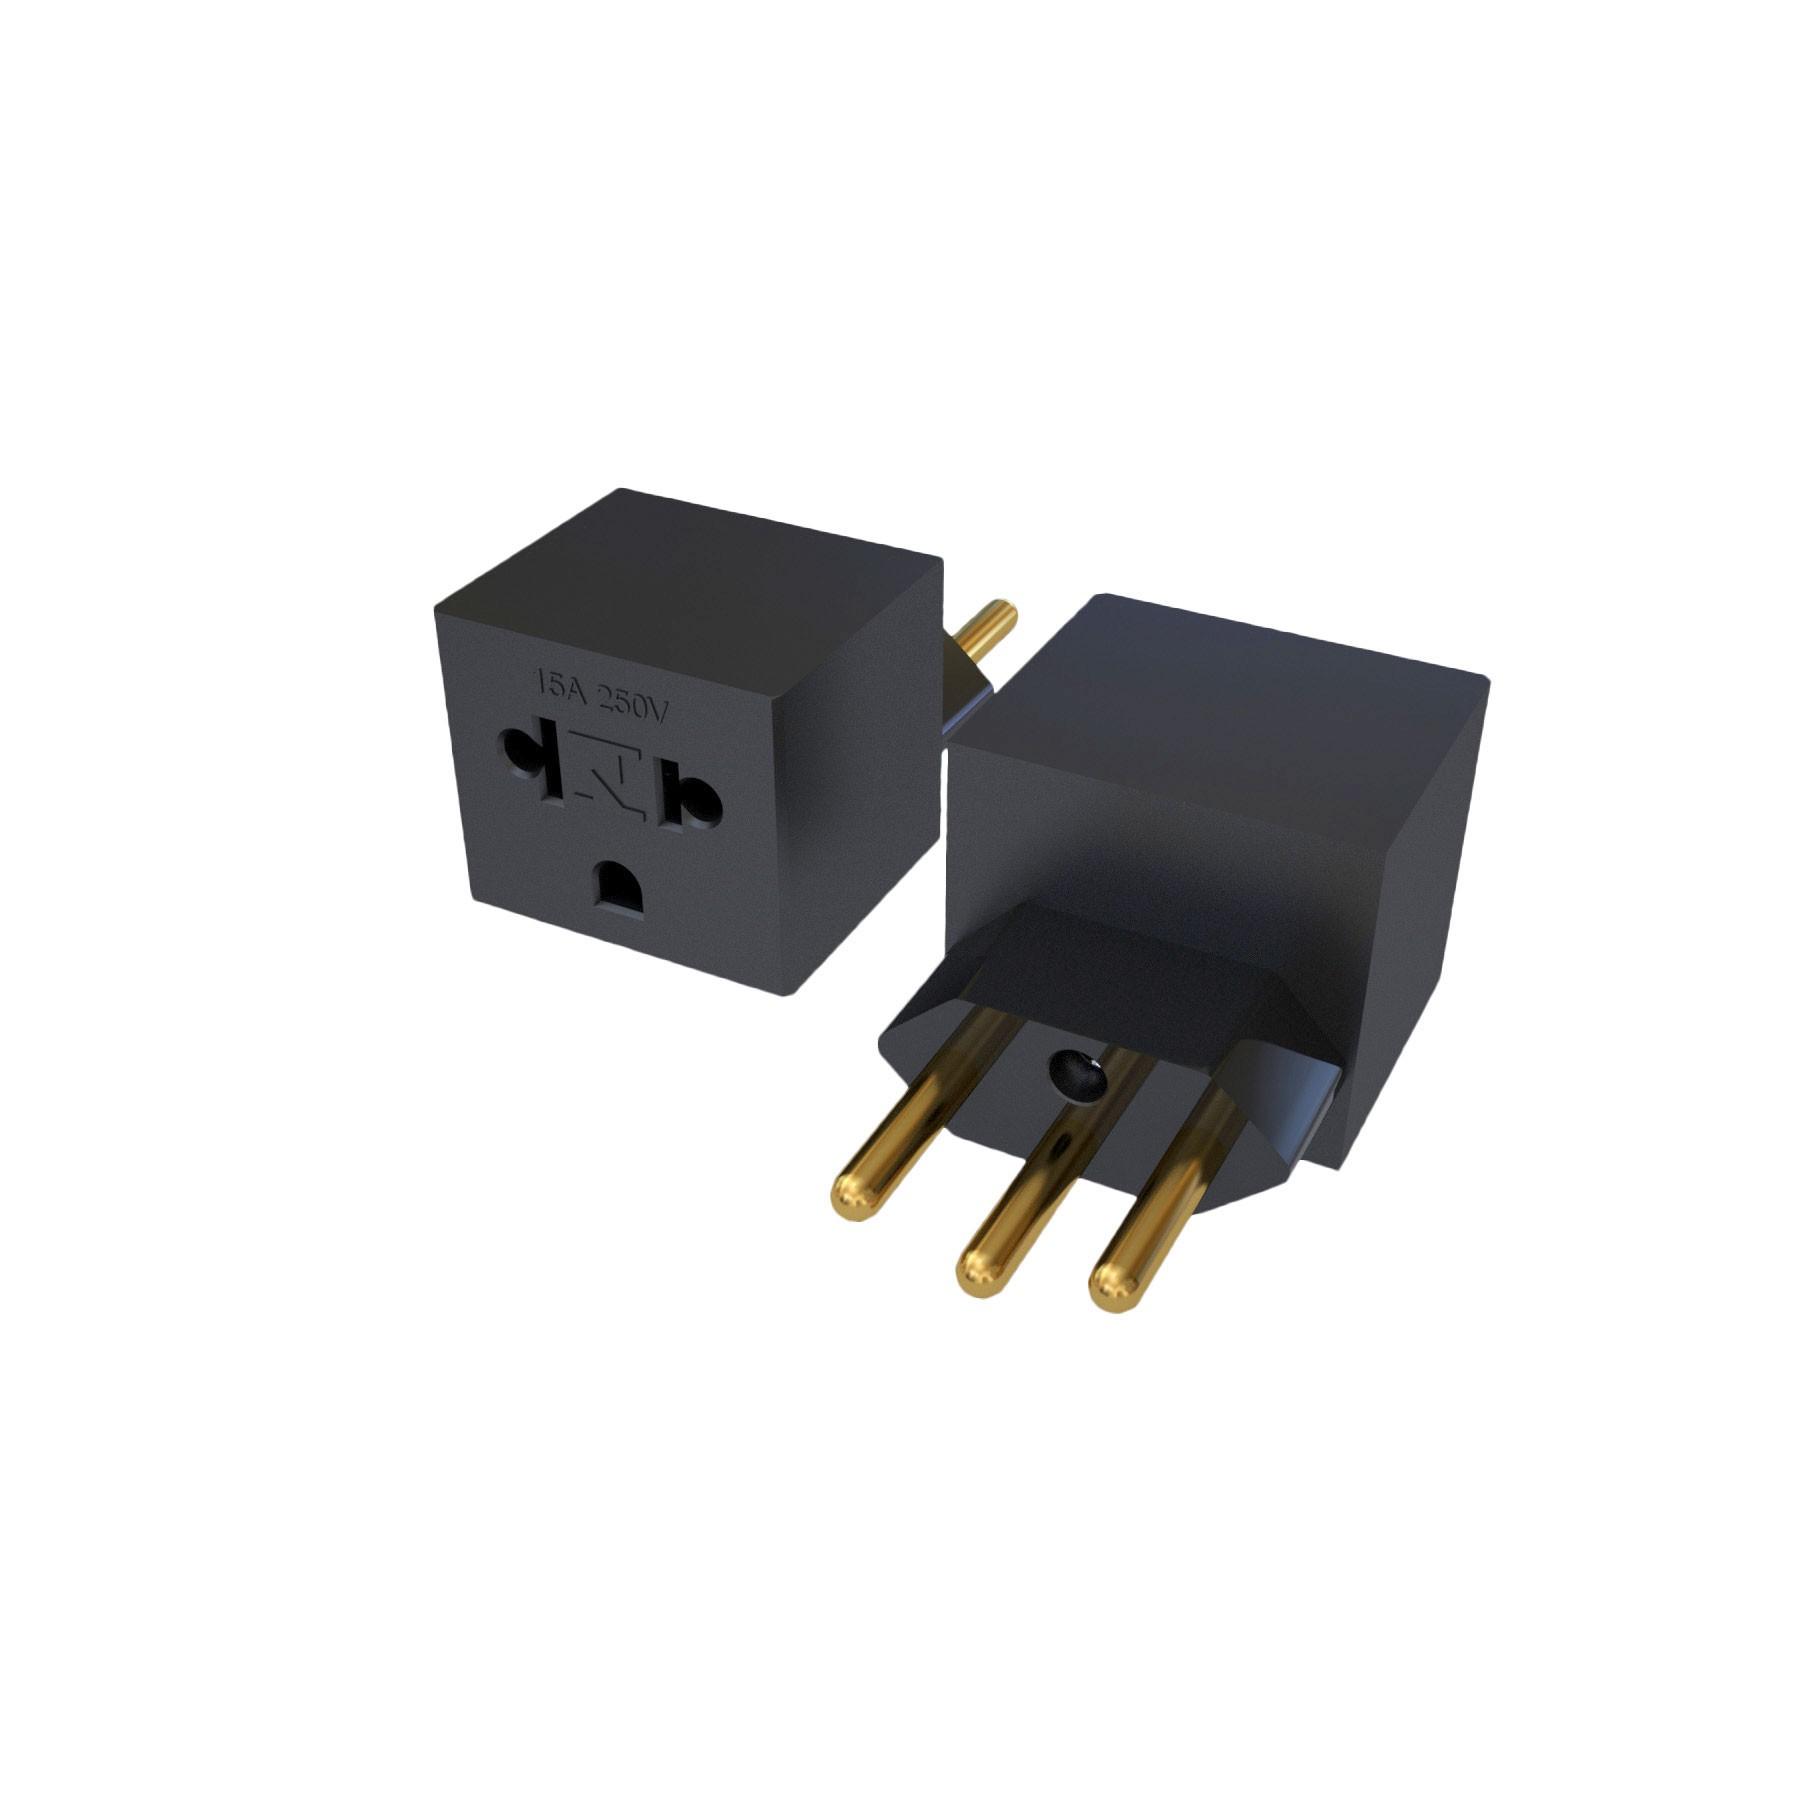 Adaptador NBR14136 - 10A para Nema 5-15R - 15A - 120/250V 2P+T